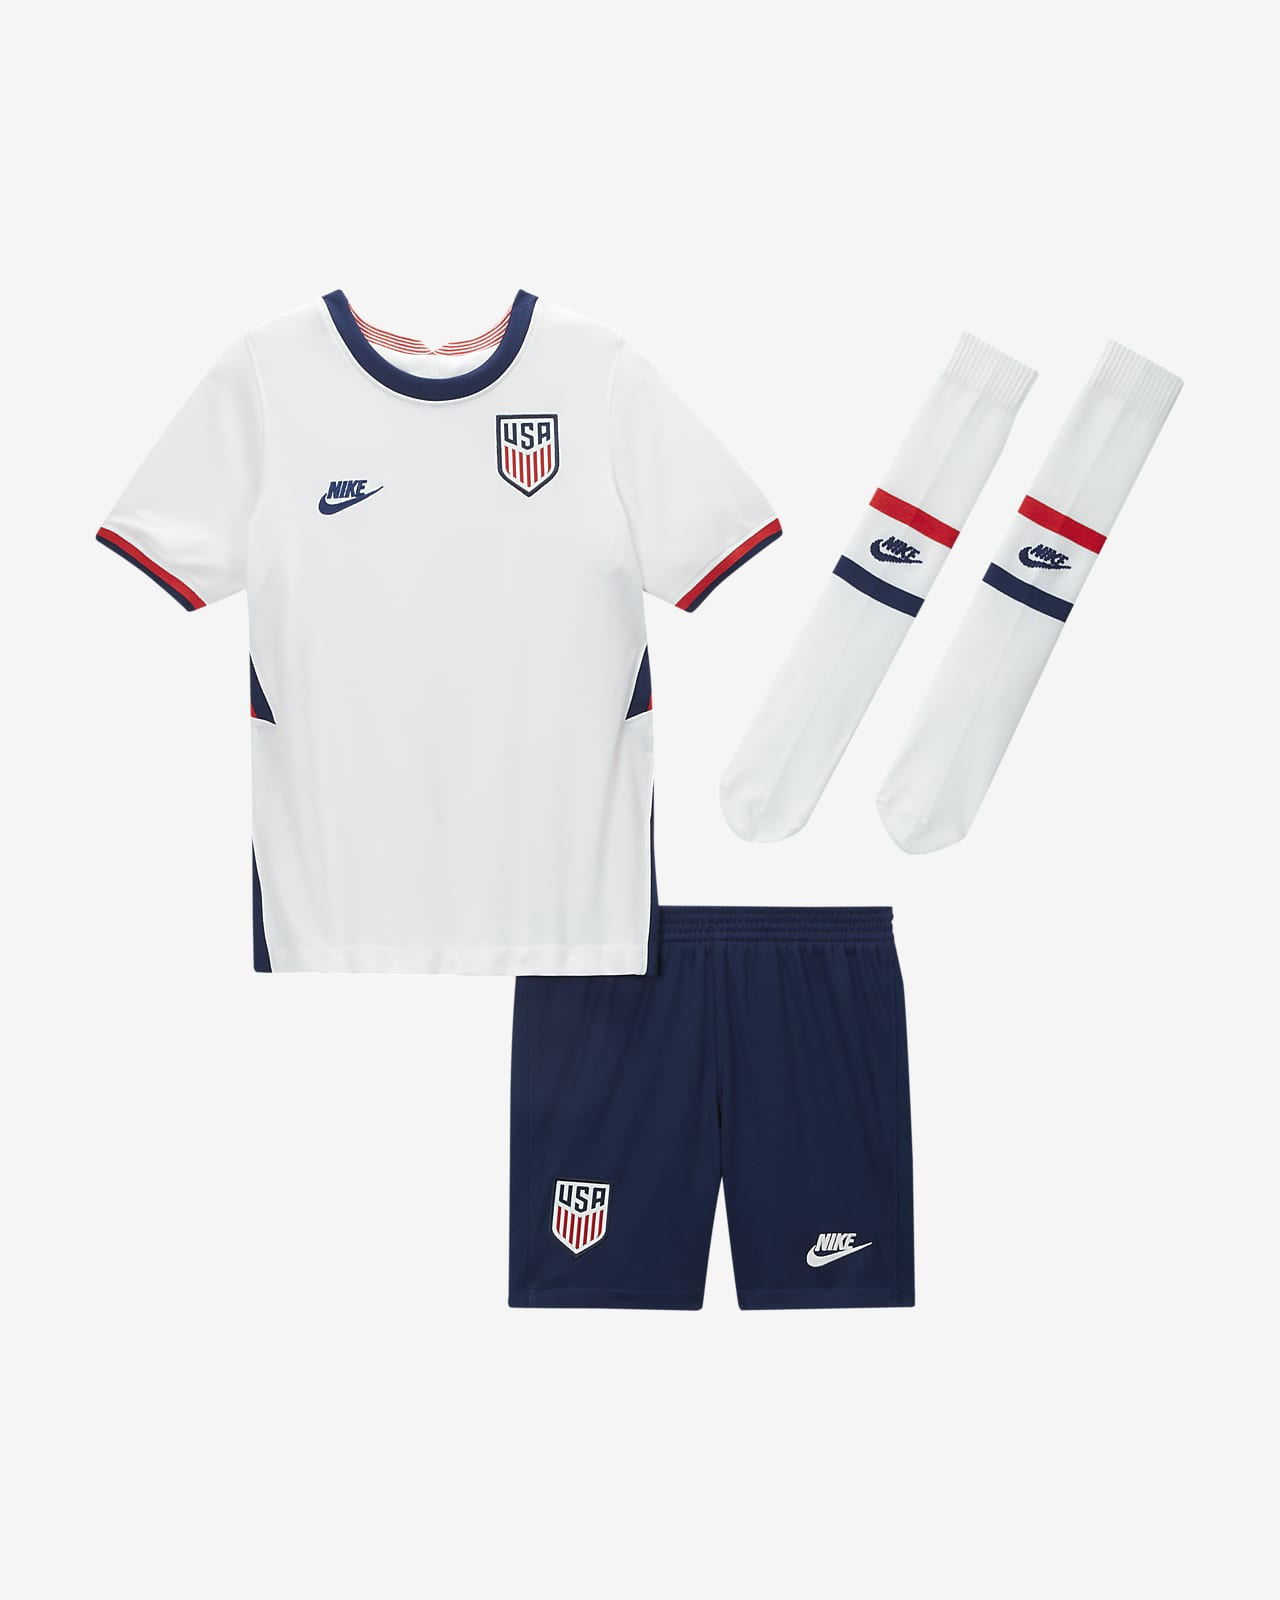 U.S. 2020 Home Kids' Soccer Kit